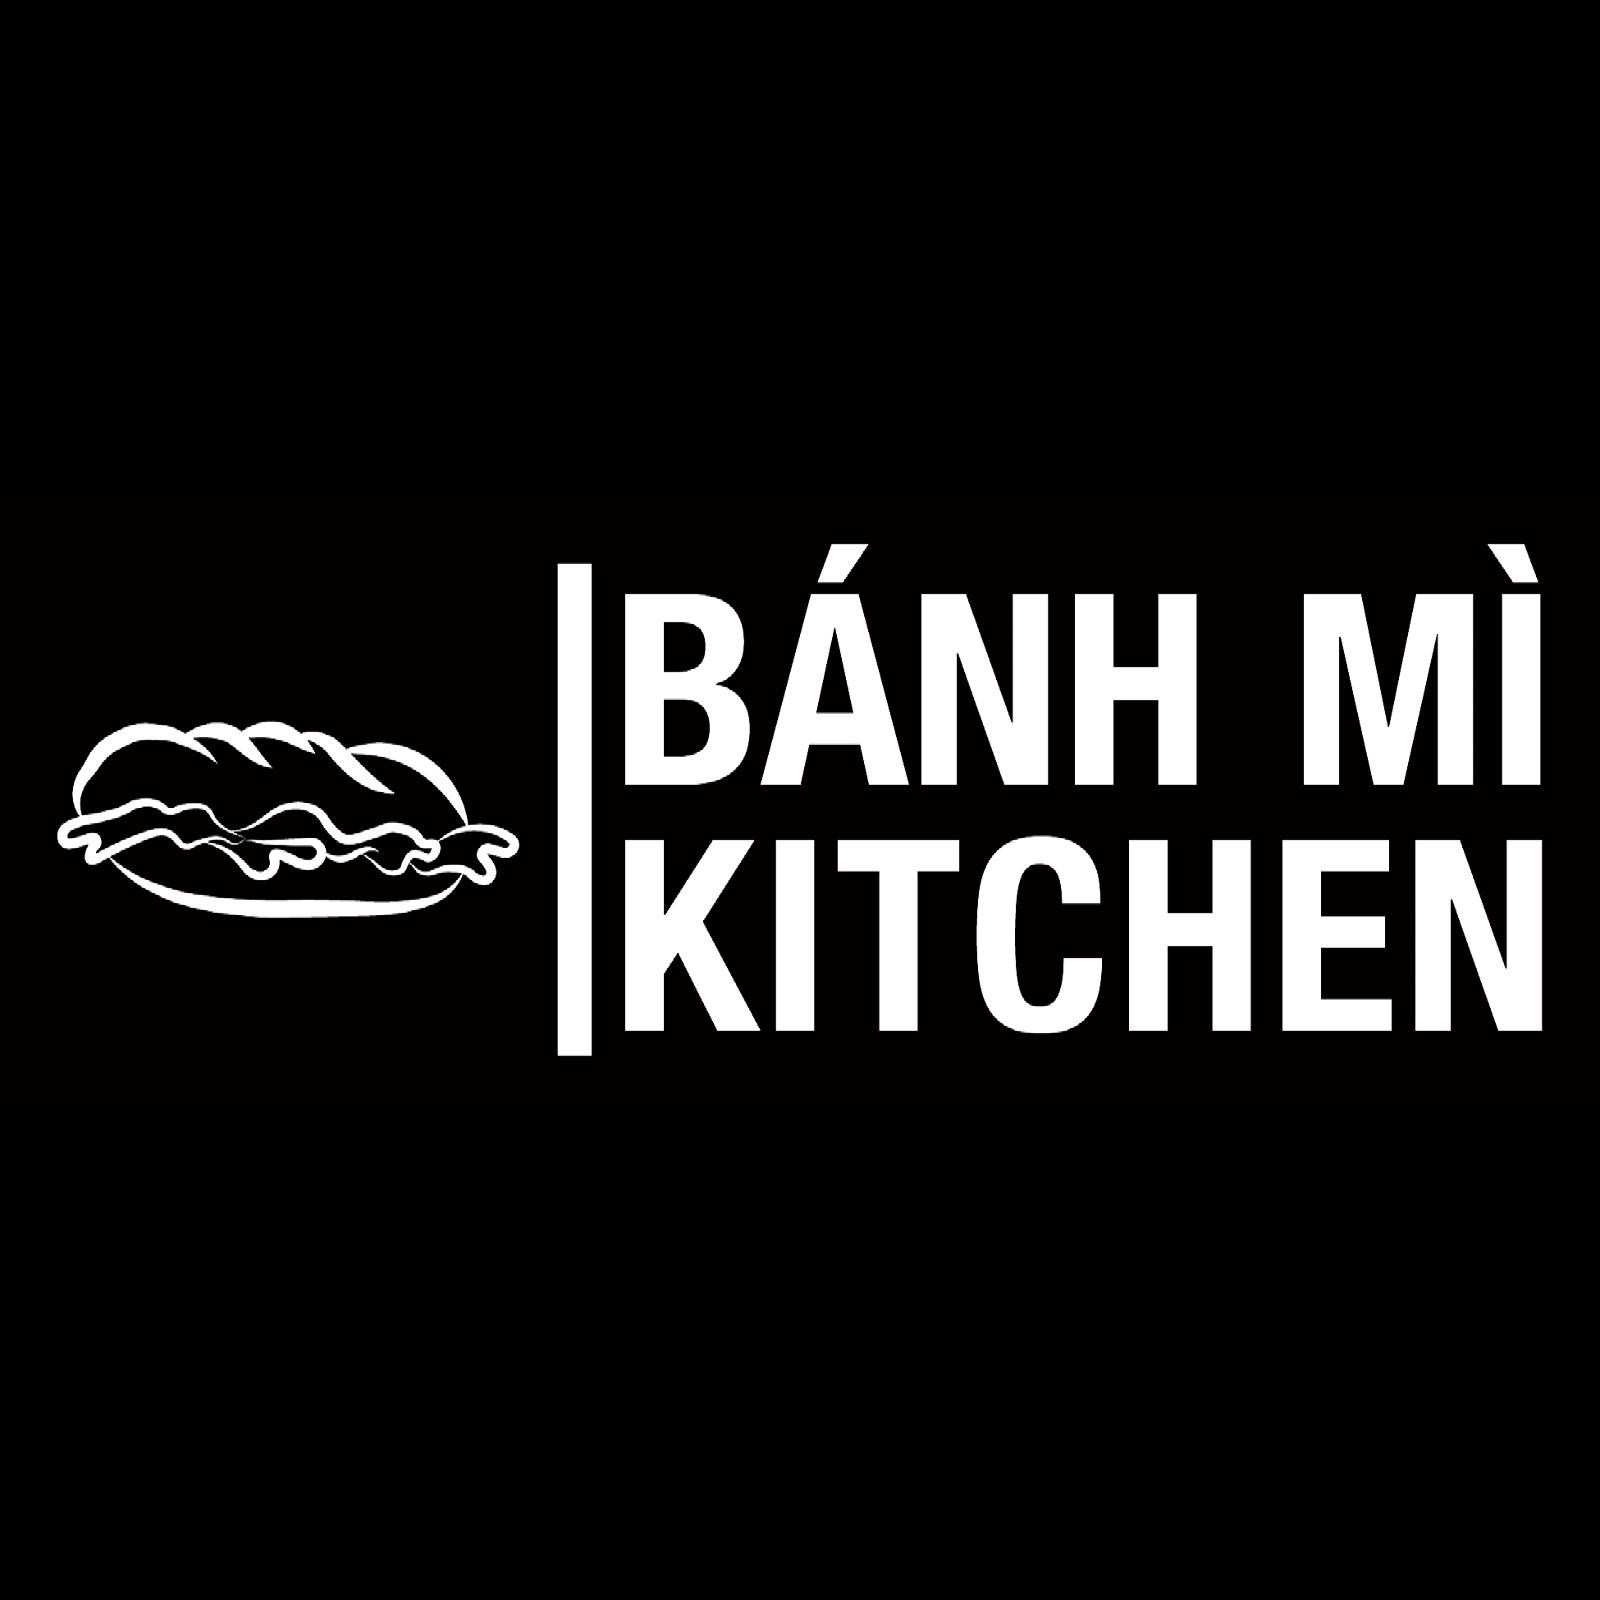 Banh Mi Kitchen brand logo